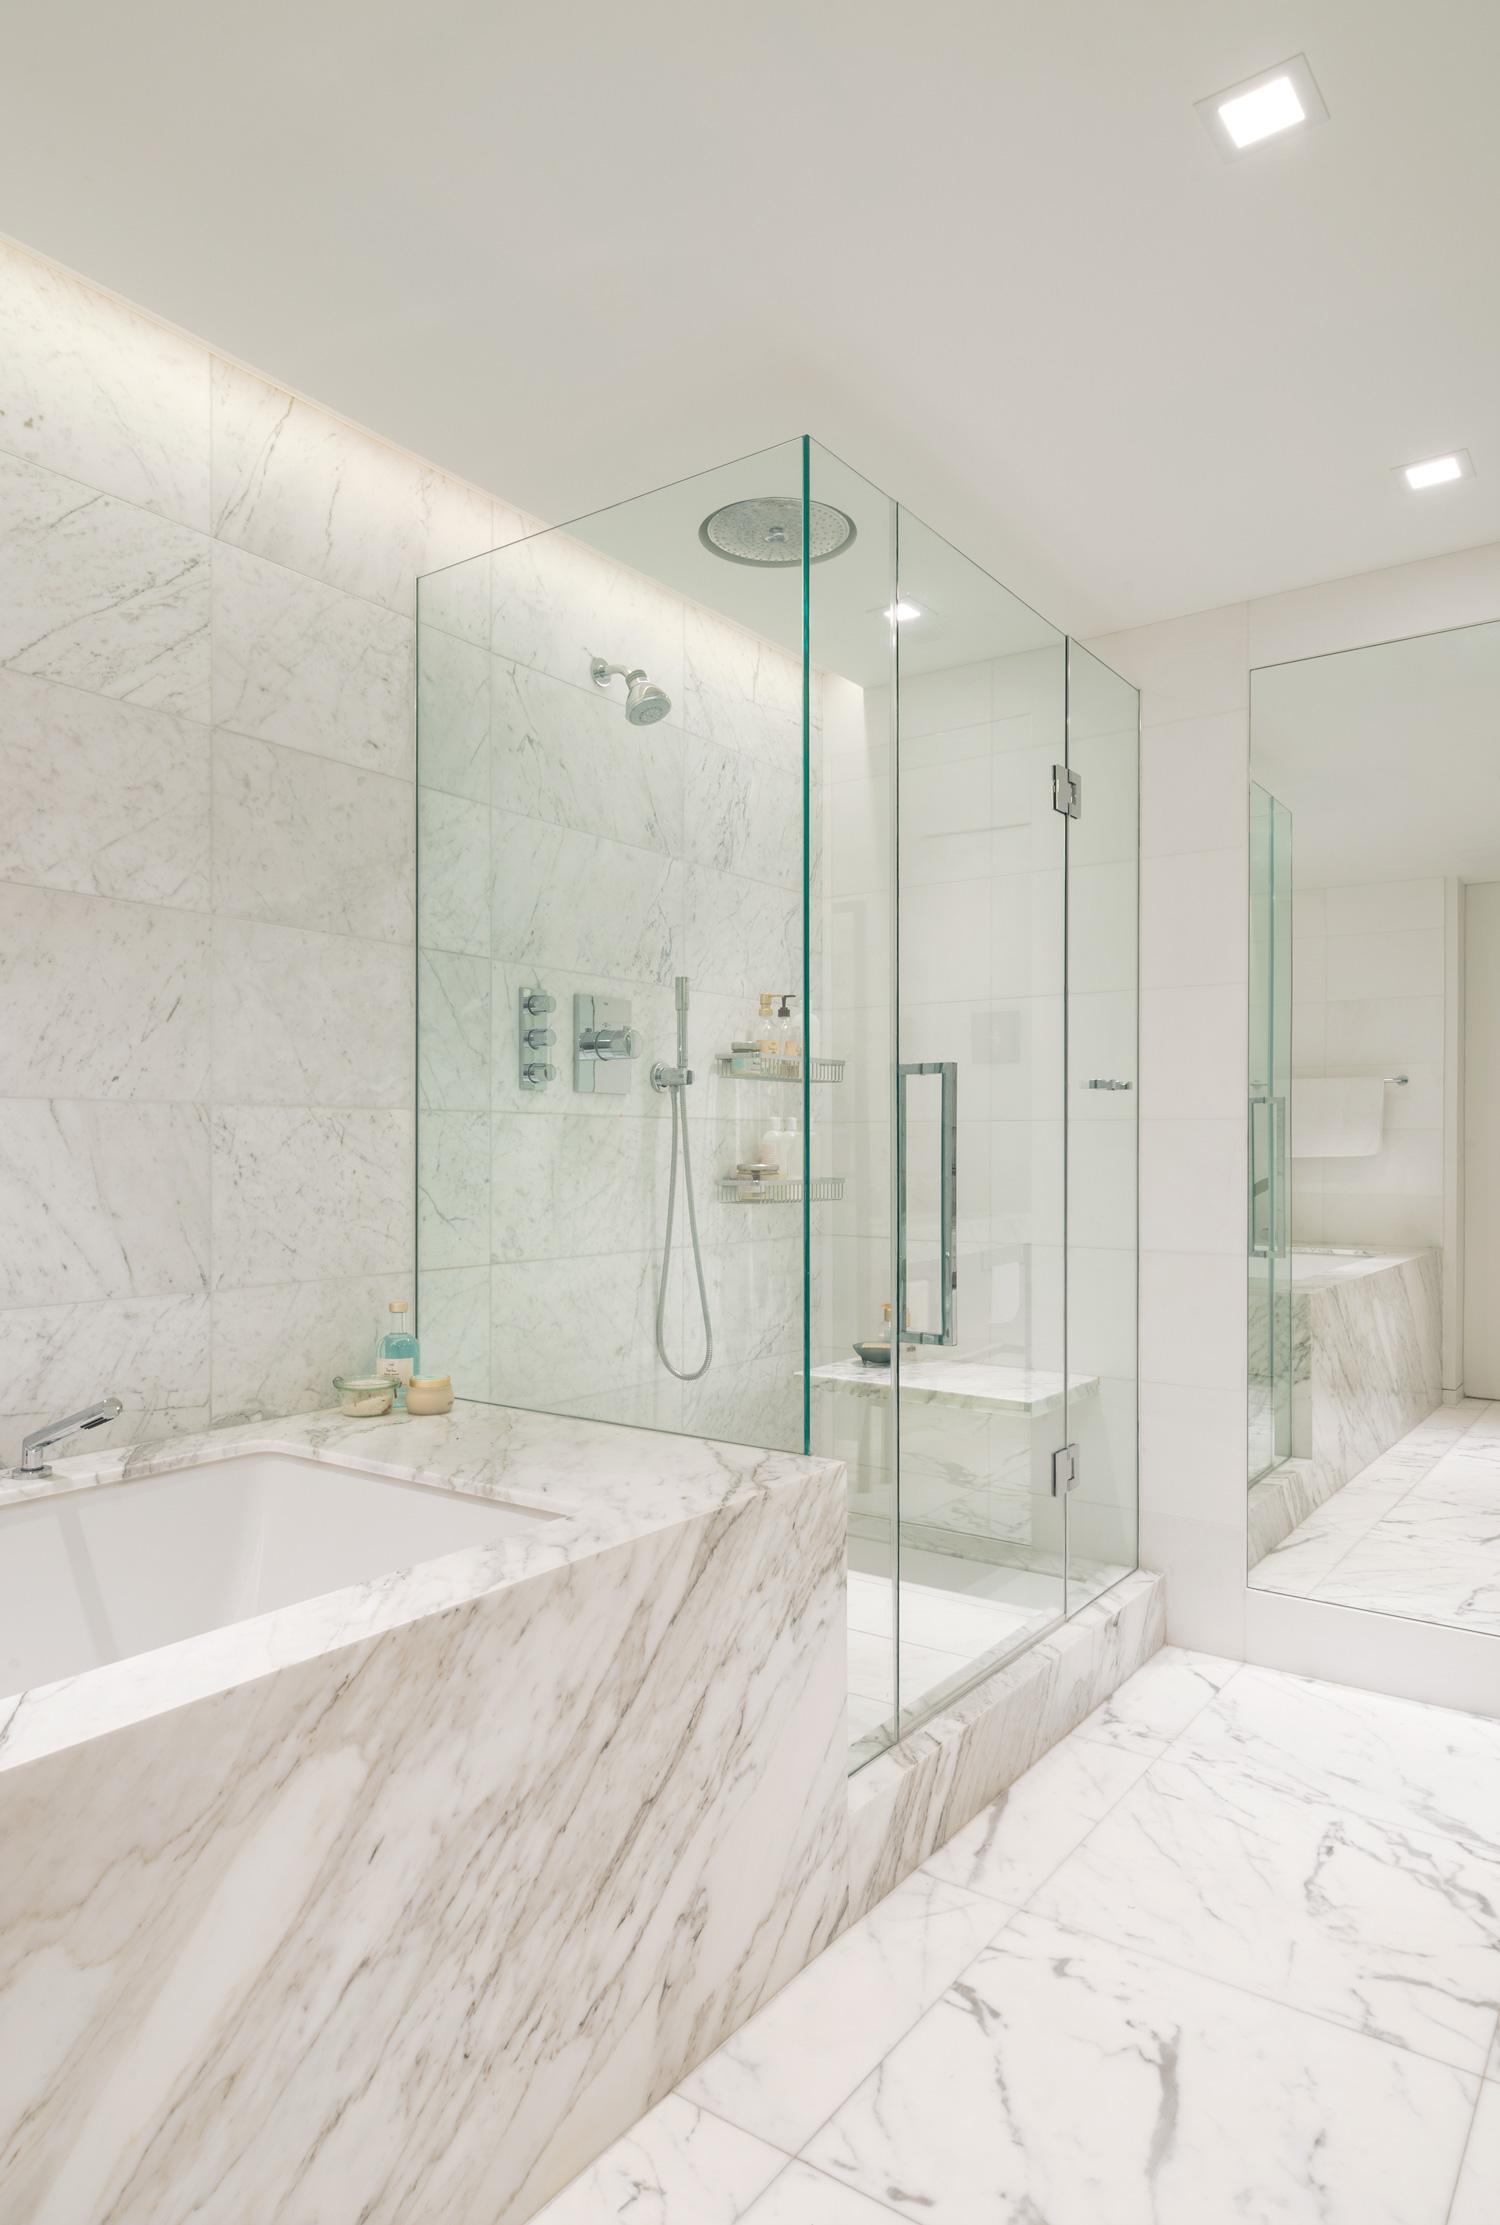 new-york-architect-adi-gershoni-master-bathroom-6.jpg